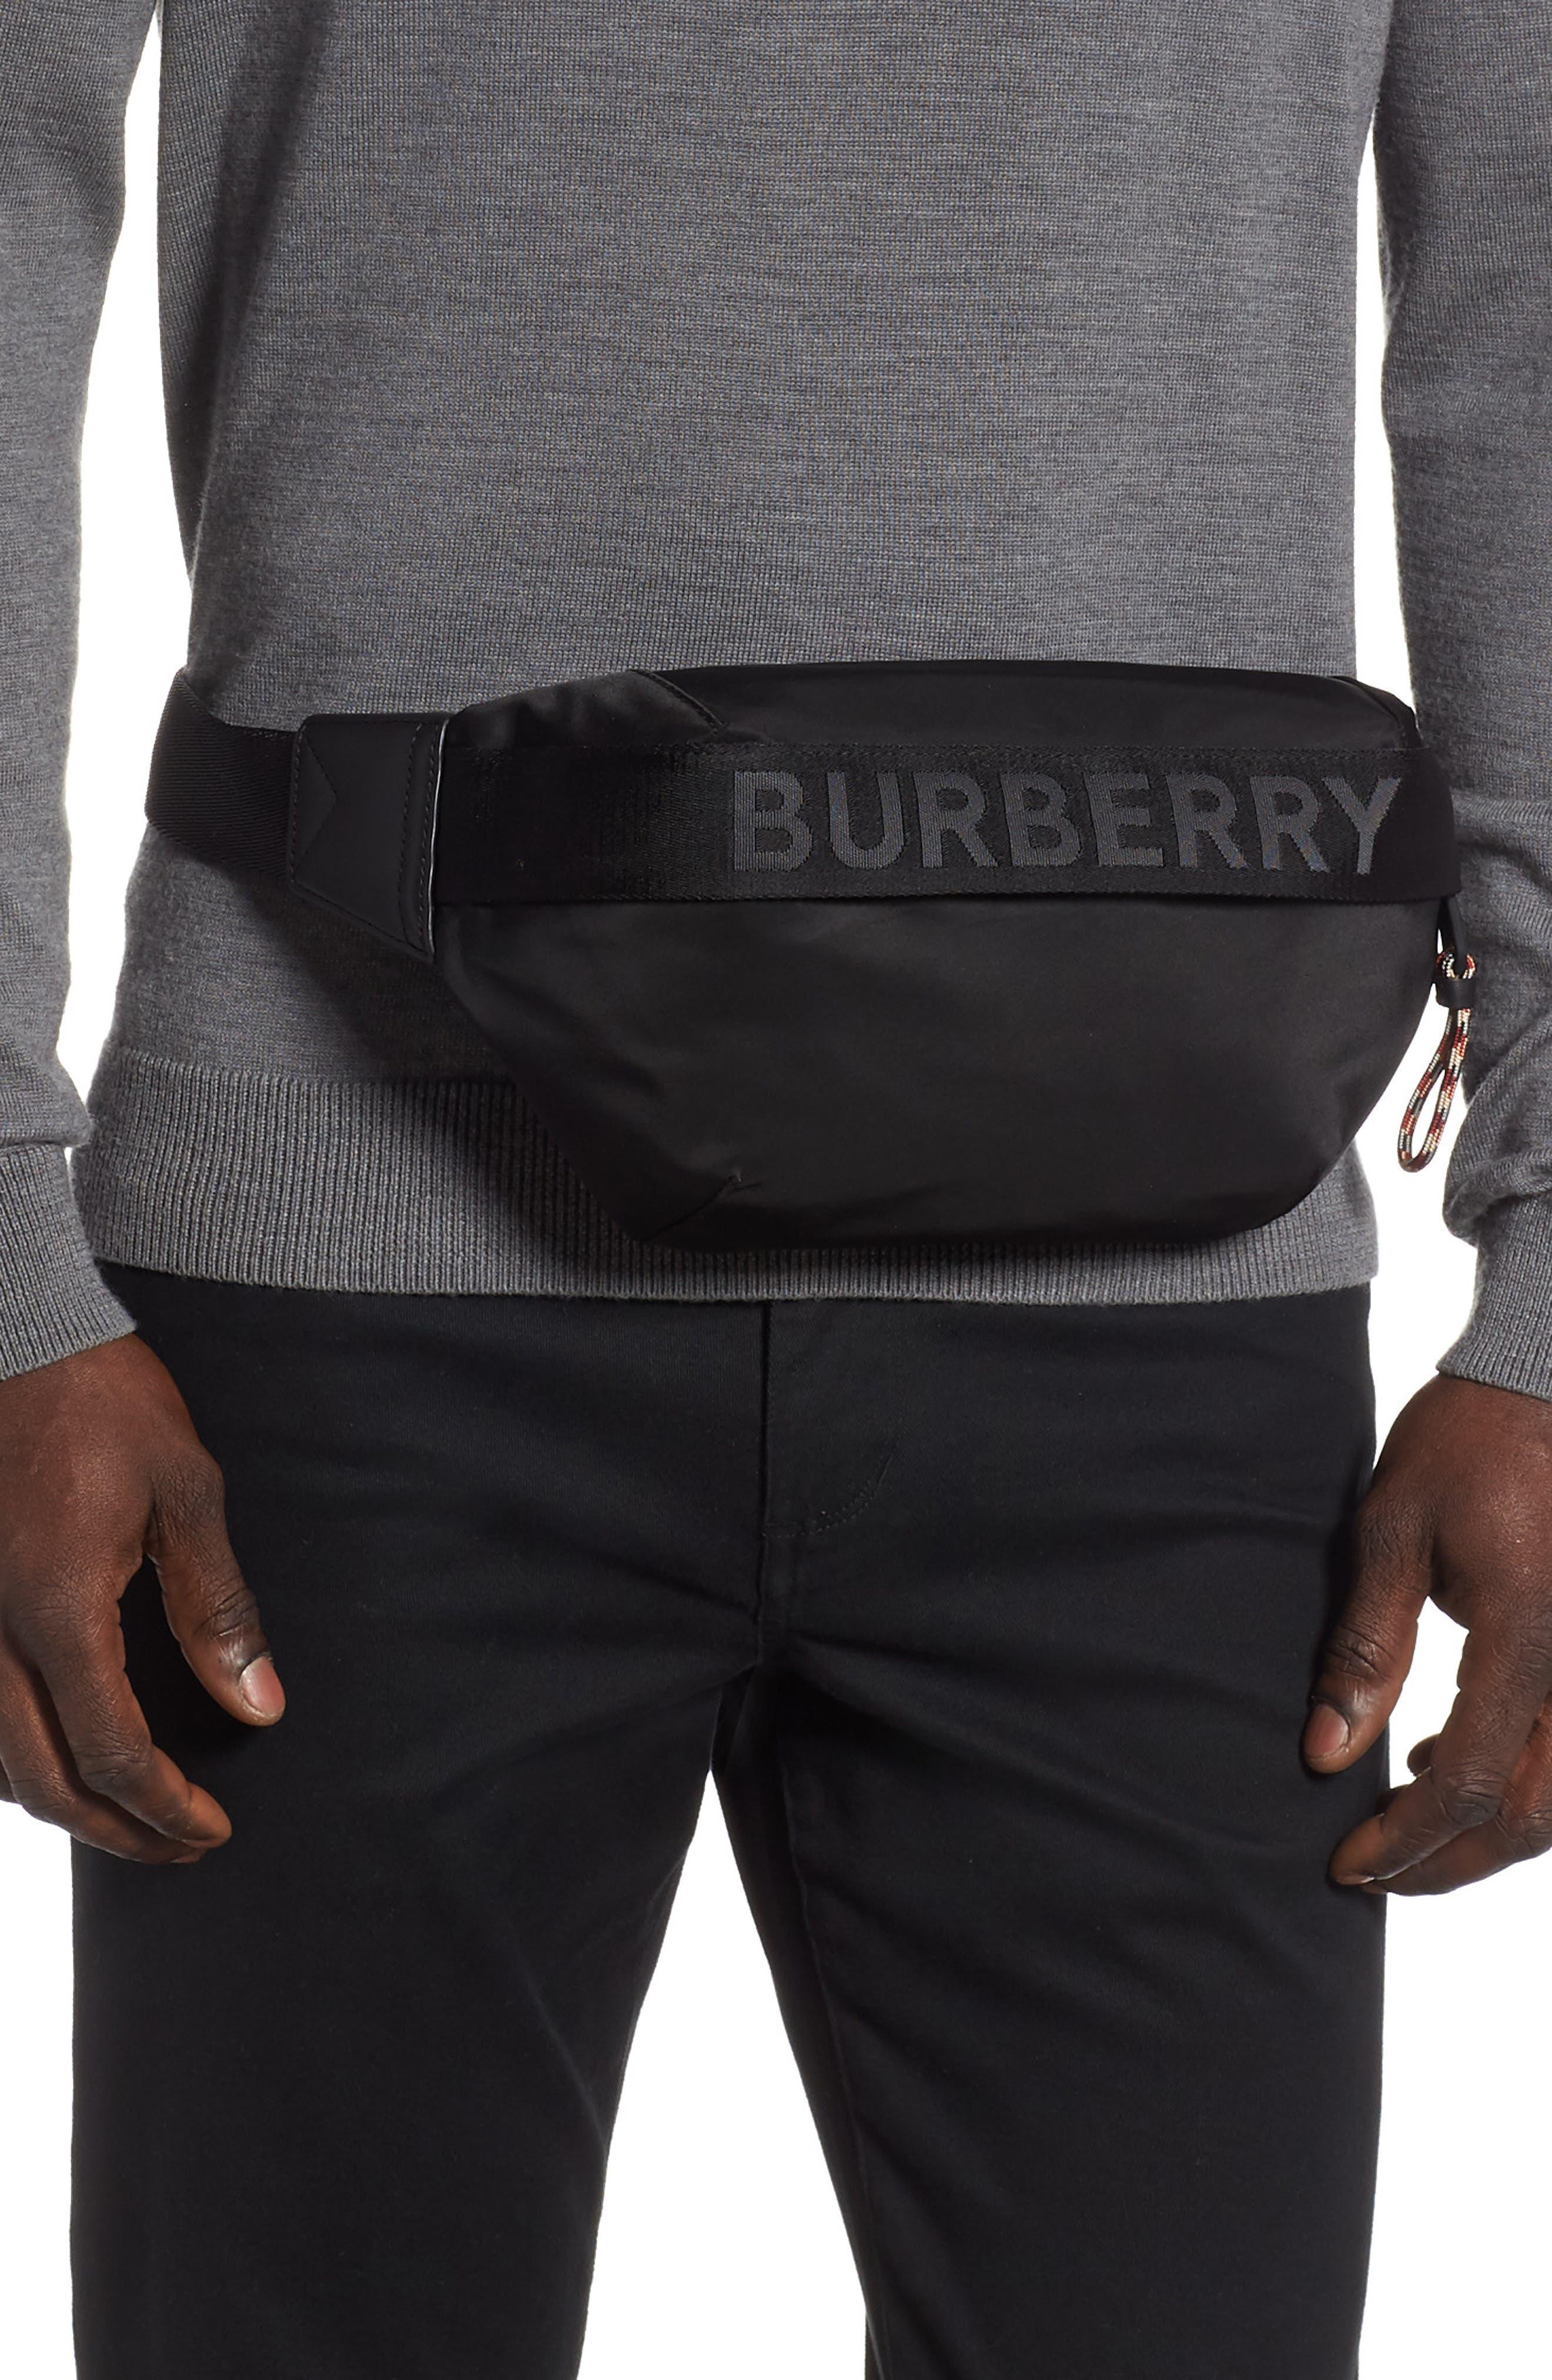 BURBERRY, Medium Sonny Logo Belt Bag, Alternate thumbnail 2, color, BLACK